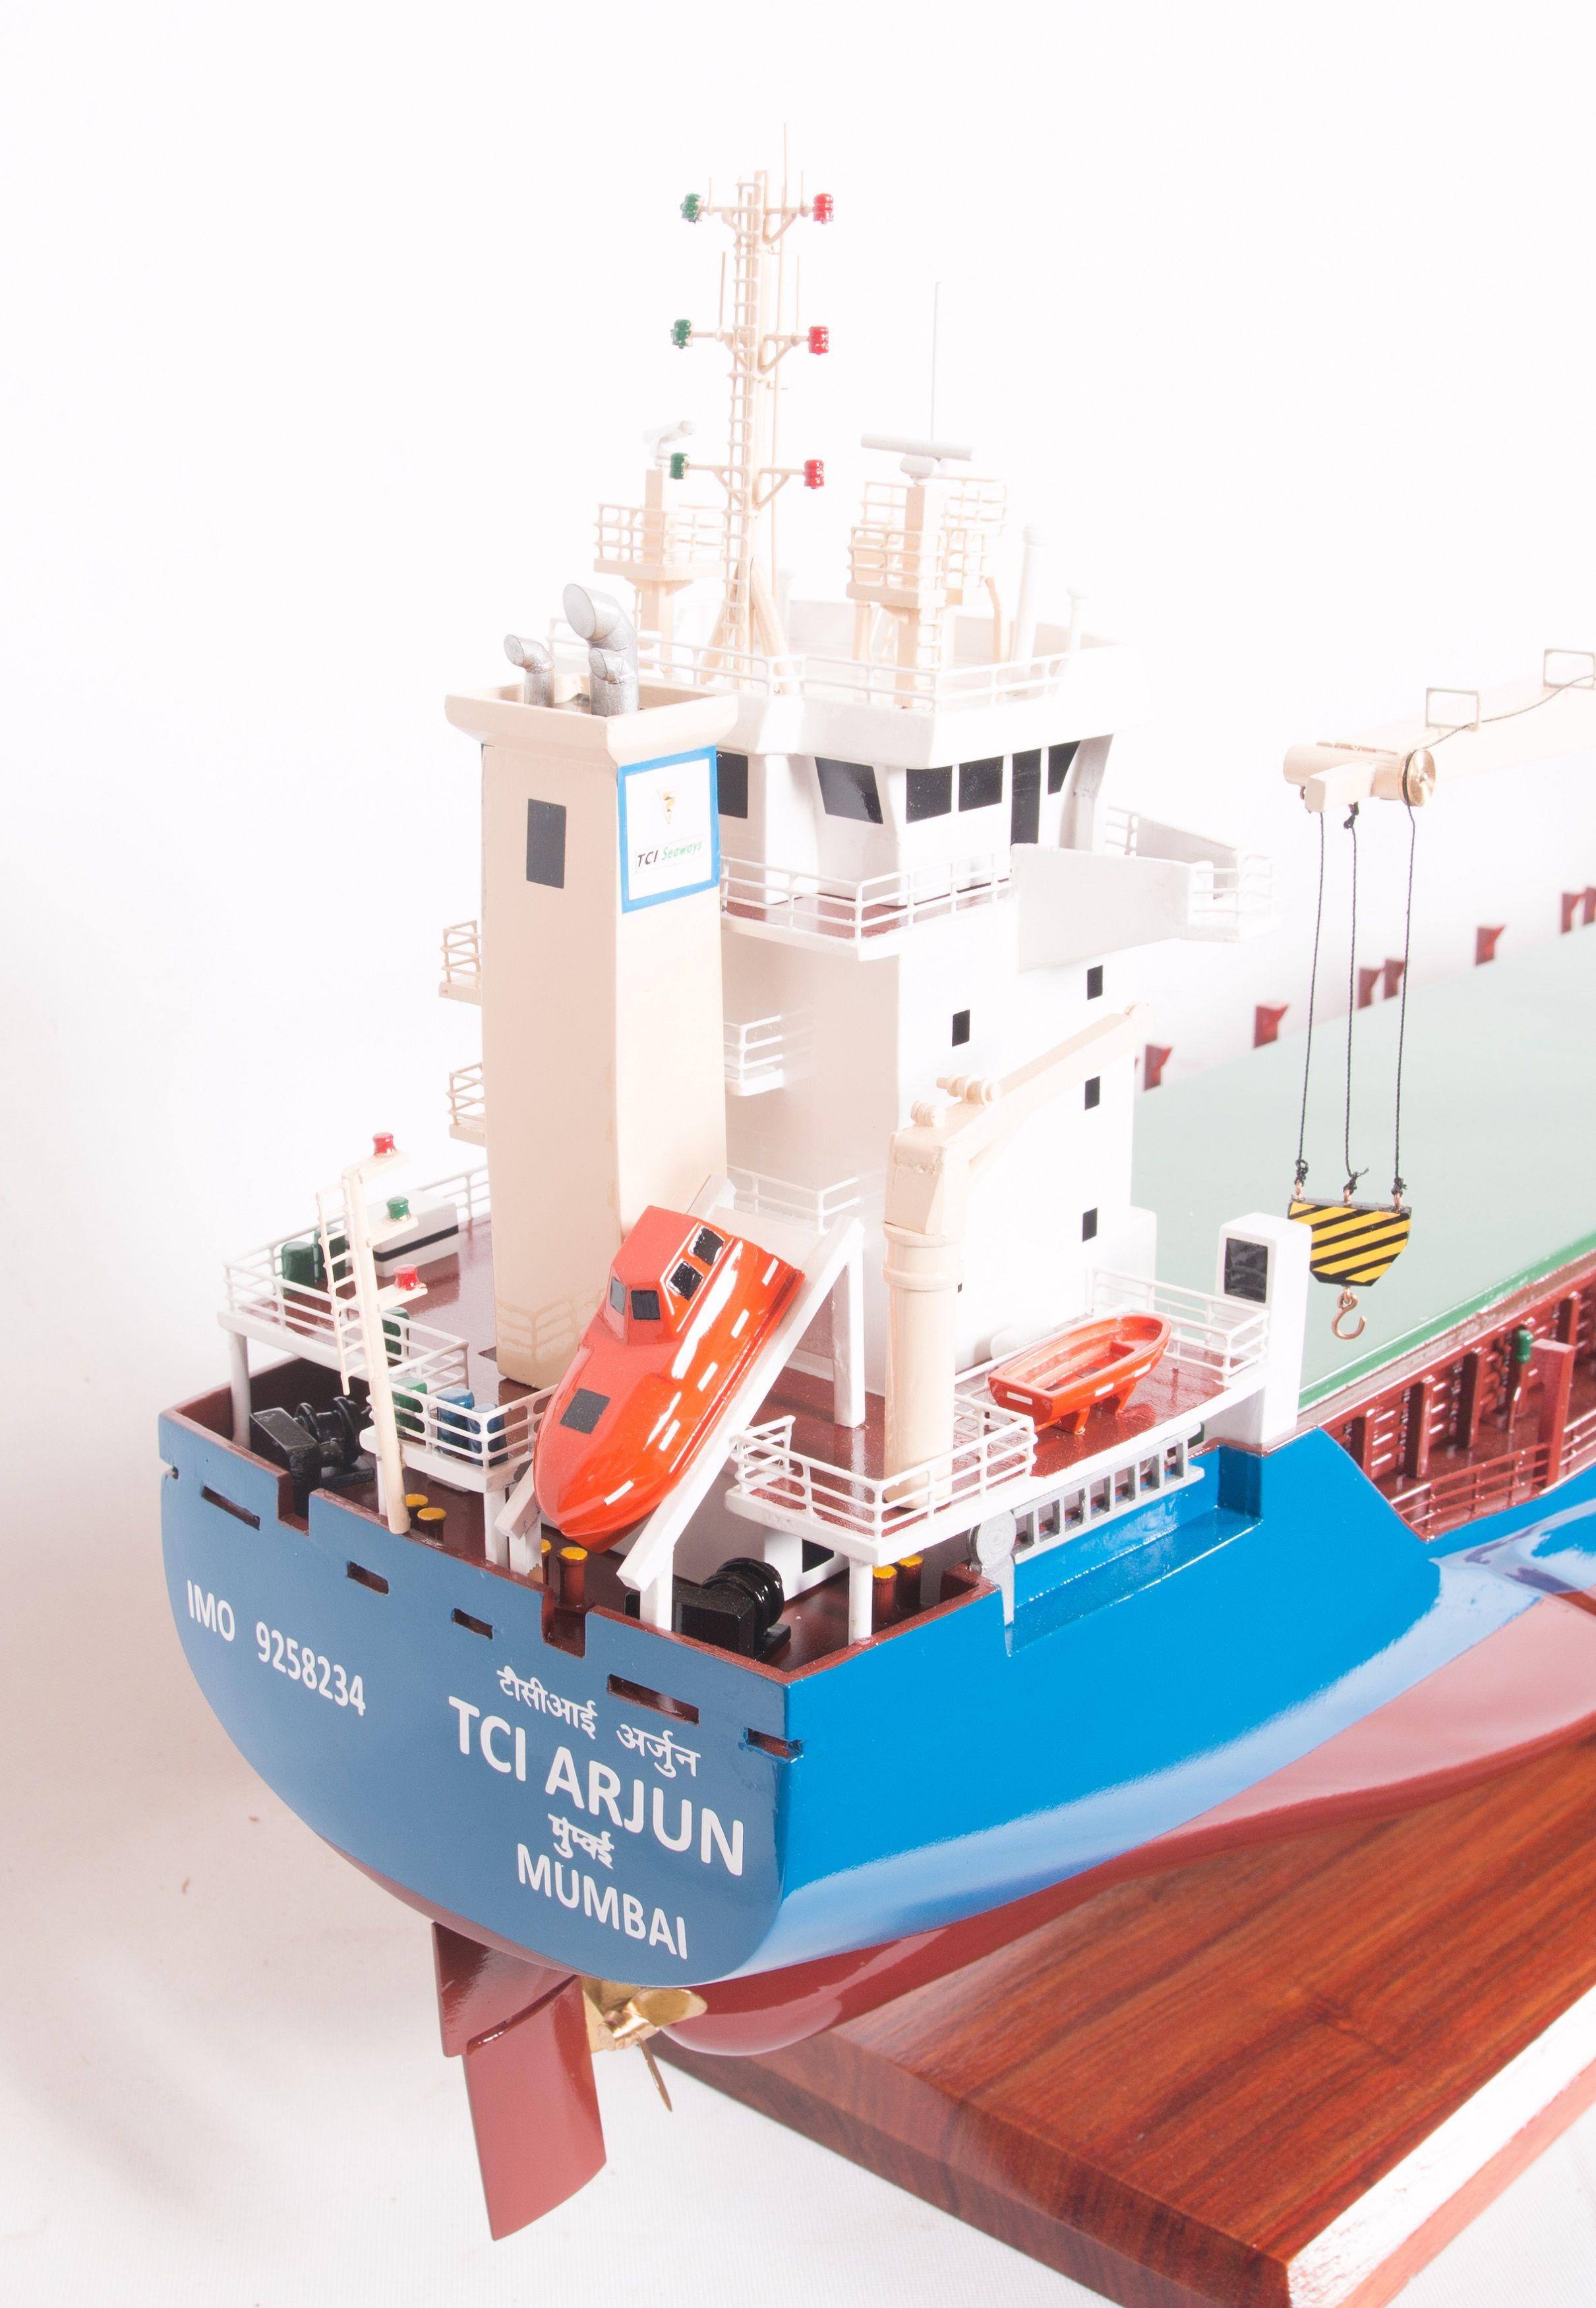 1769-9896-MV-TCI-Arjun-Cargo-Ship